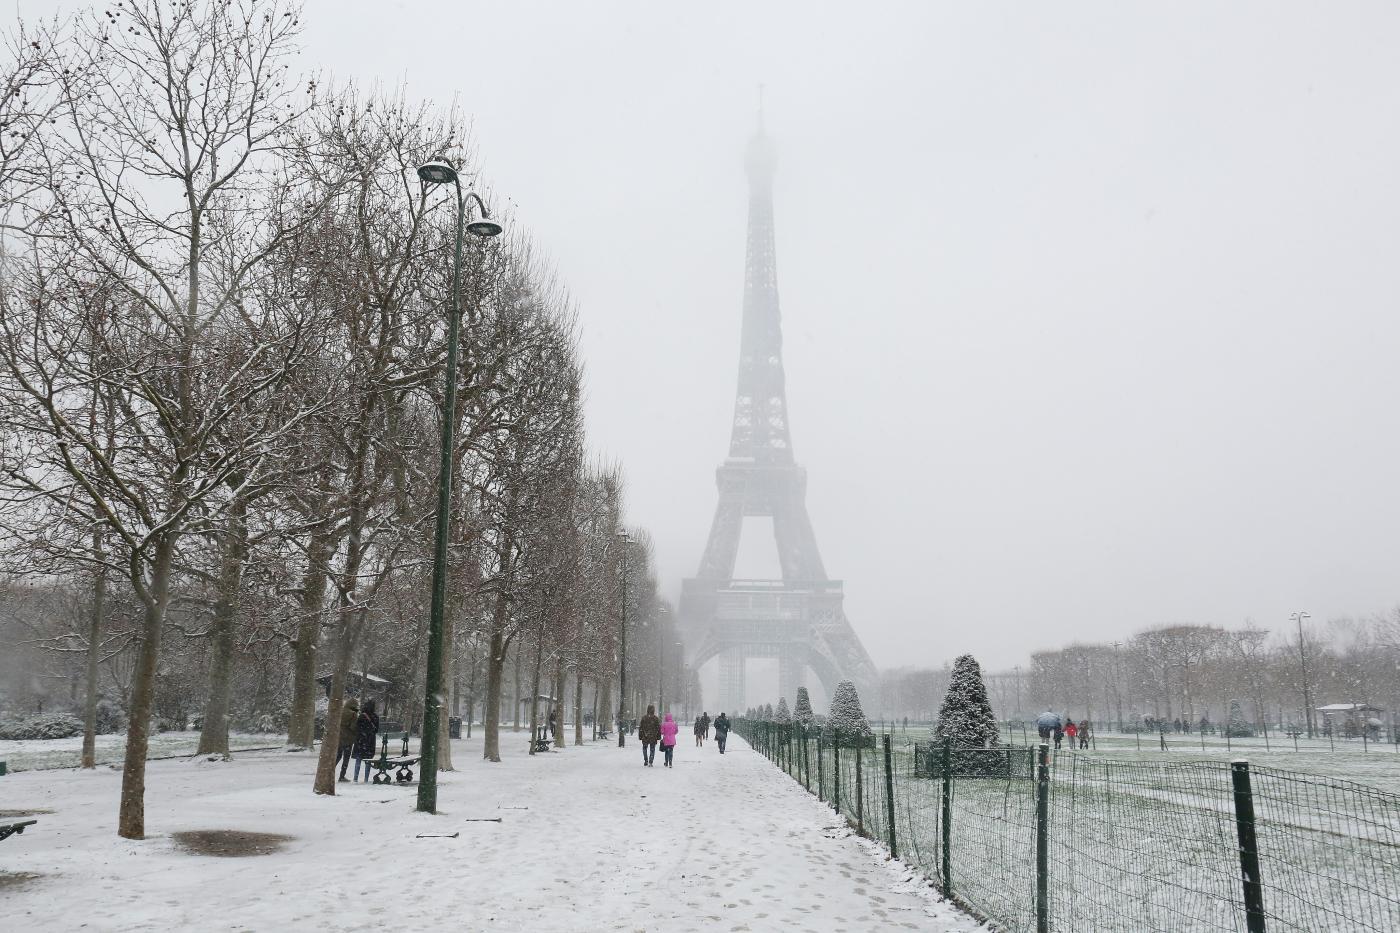 Fitta nevicata a Parigi durante il lockdown